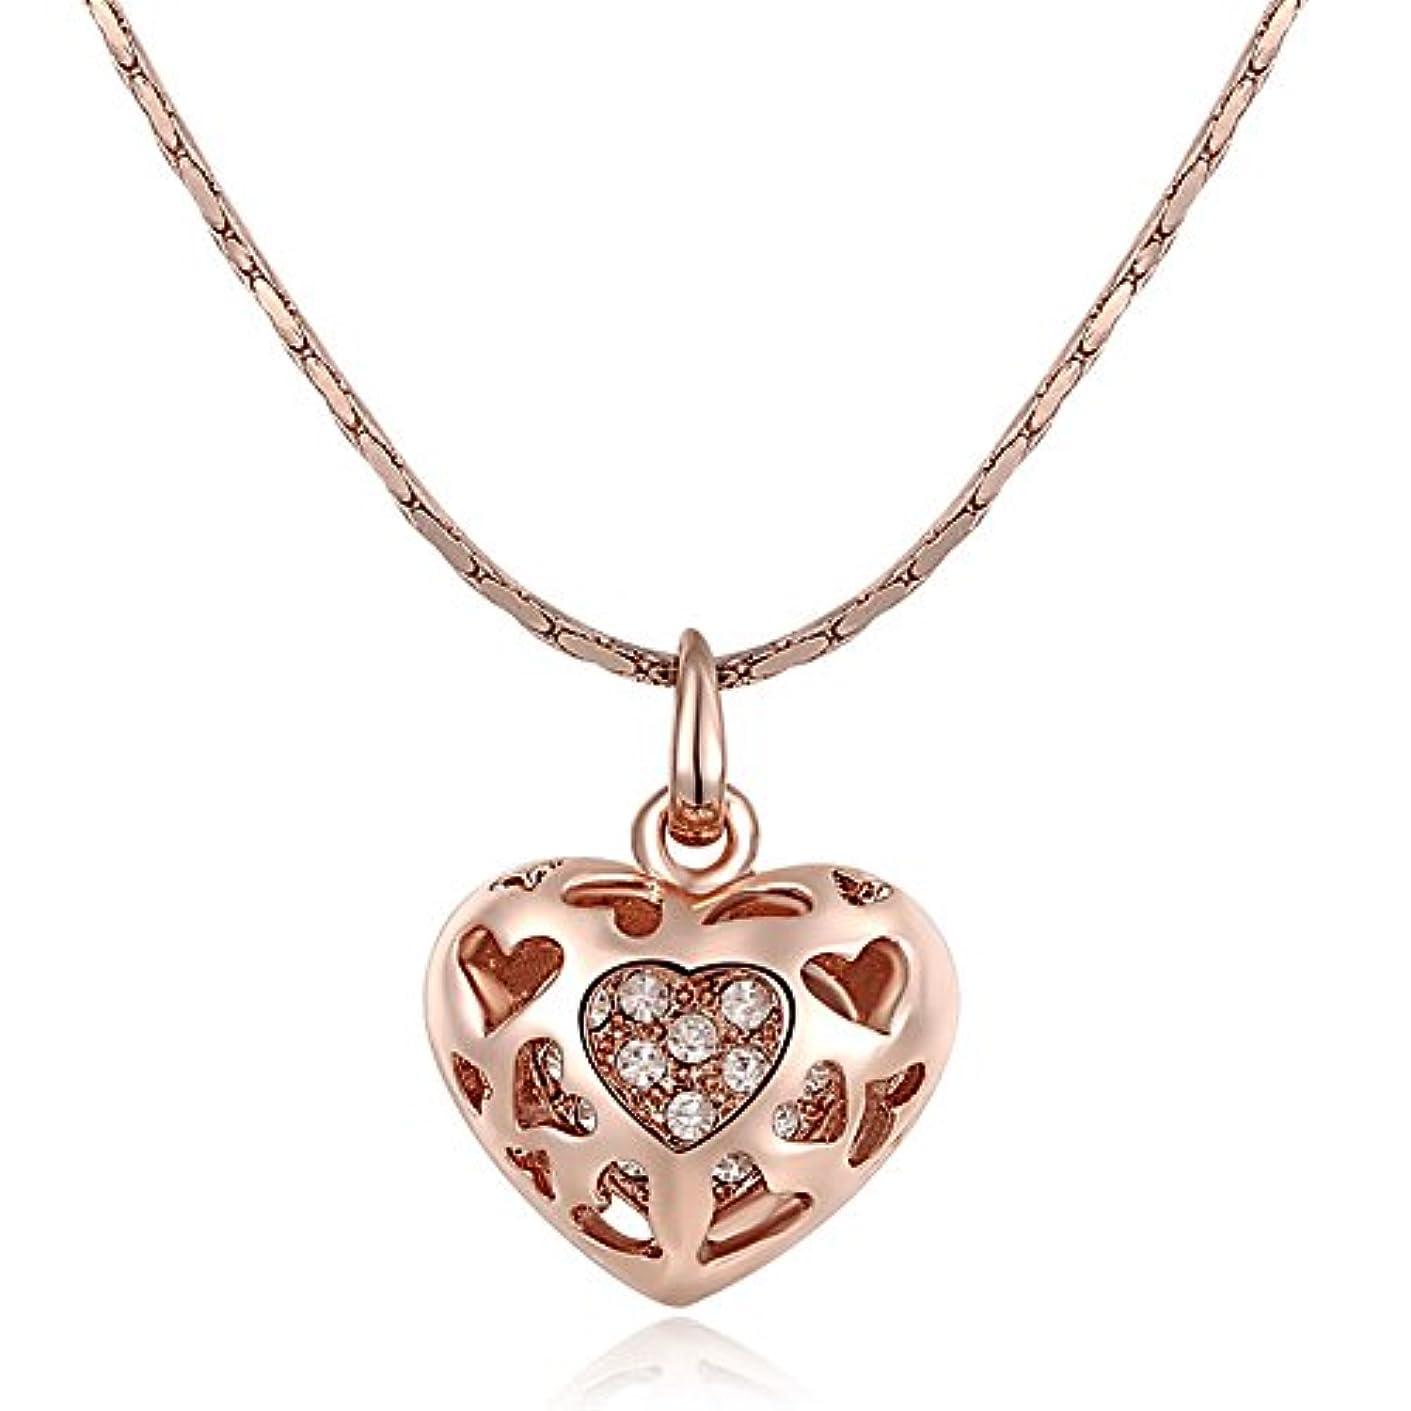 確実支店むちゃくちゃ可愛い ネックレス 水晶の薔薇の金の型はハート型のネックレス バレンタインデーのプレゼント